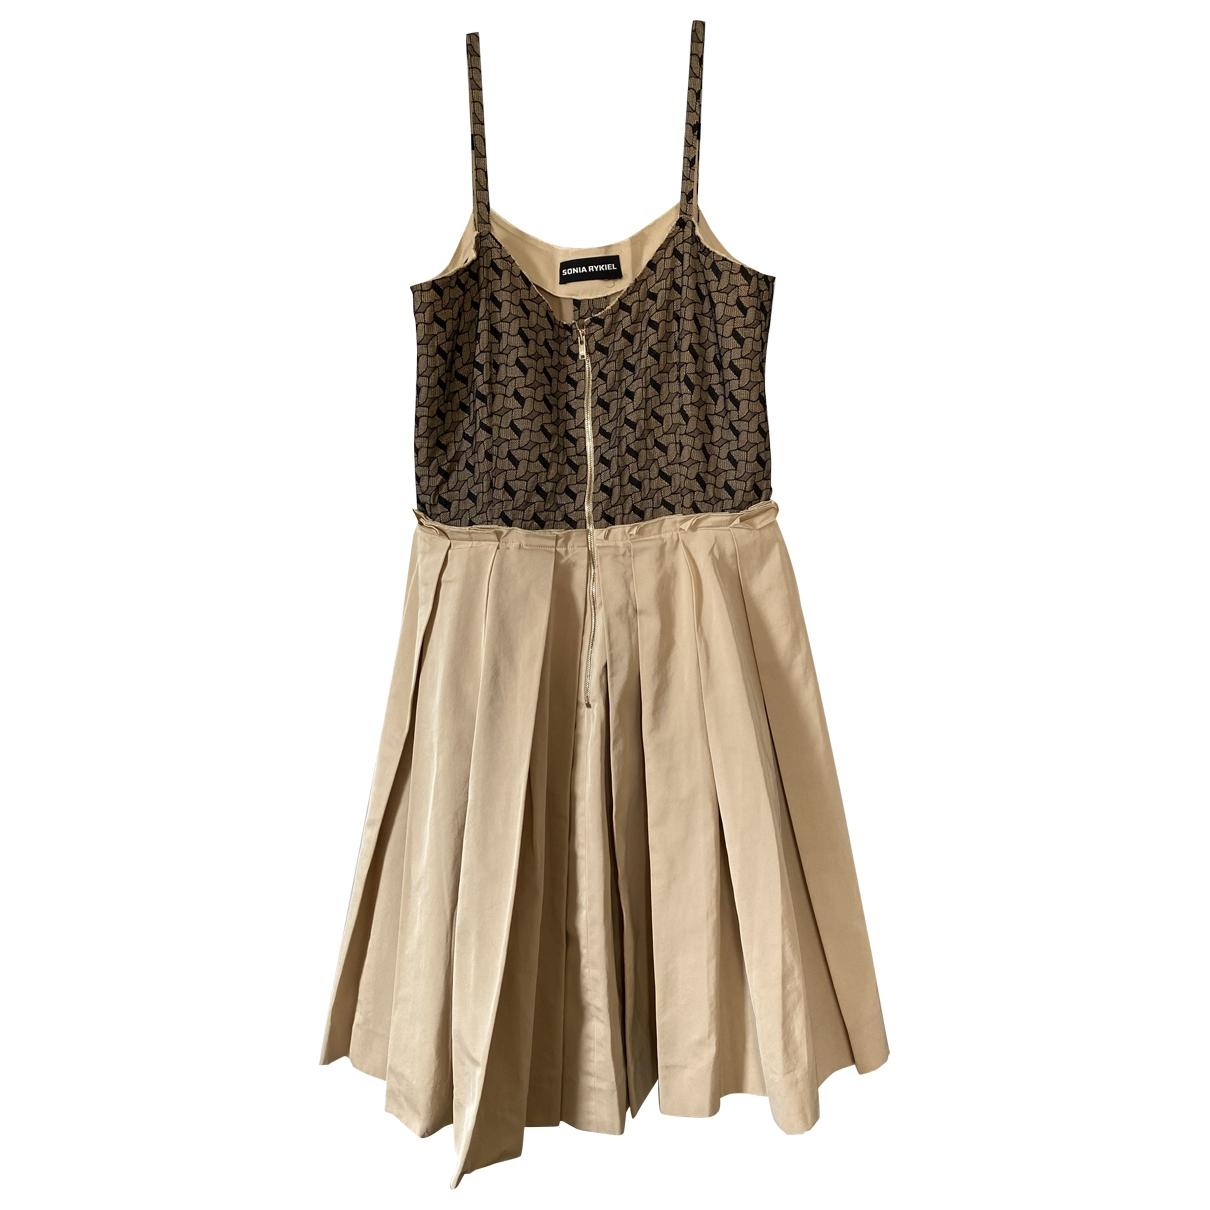 Sonia Rykiel \N Kleid in  Beige Polyester